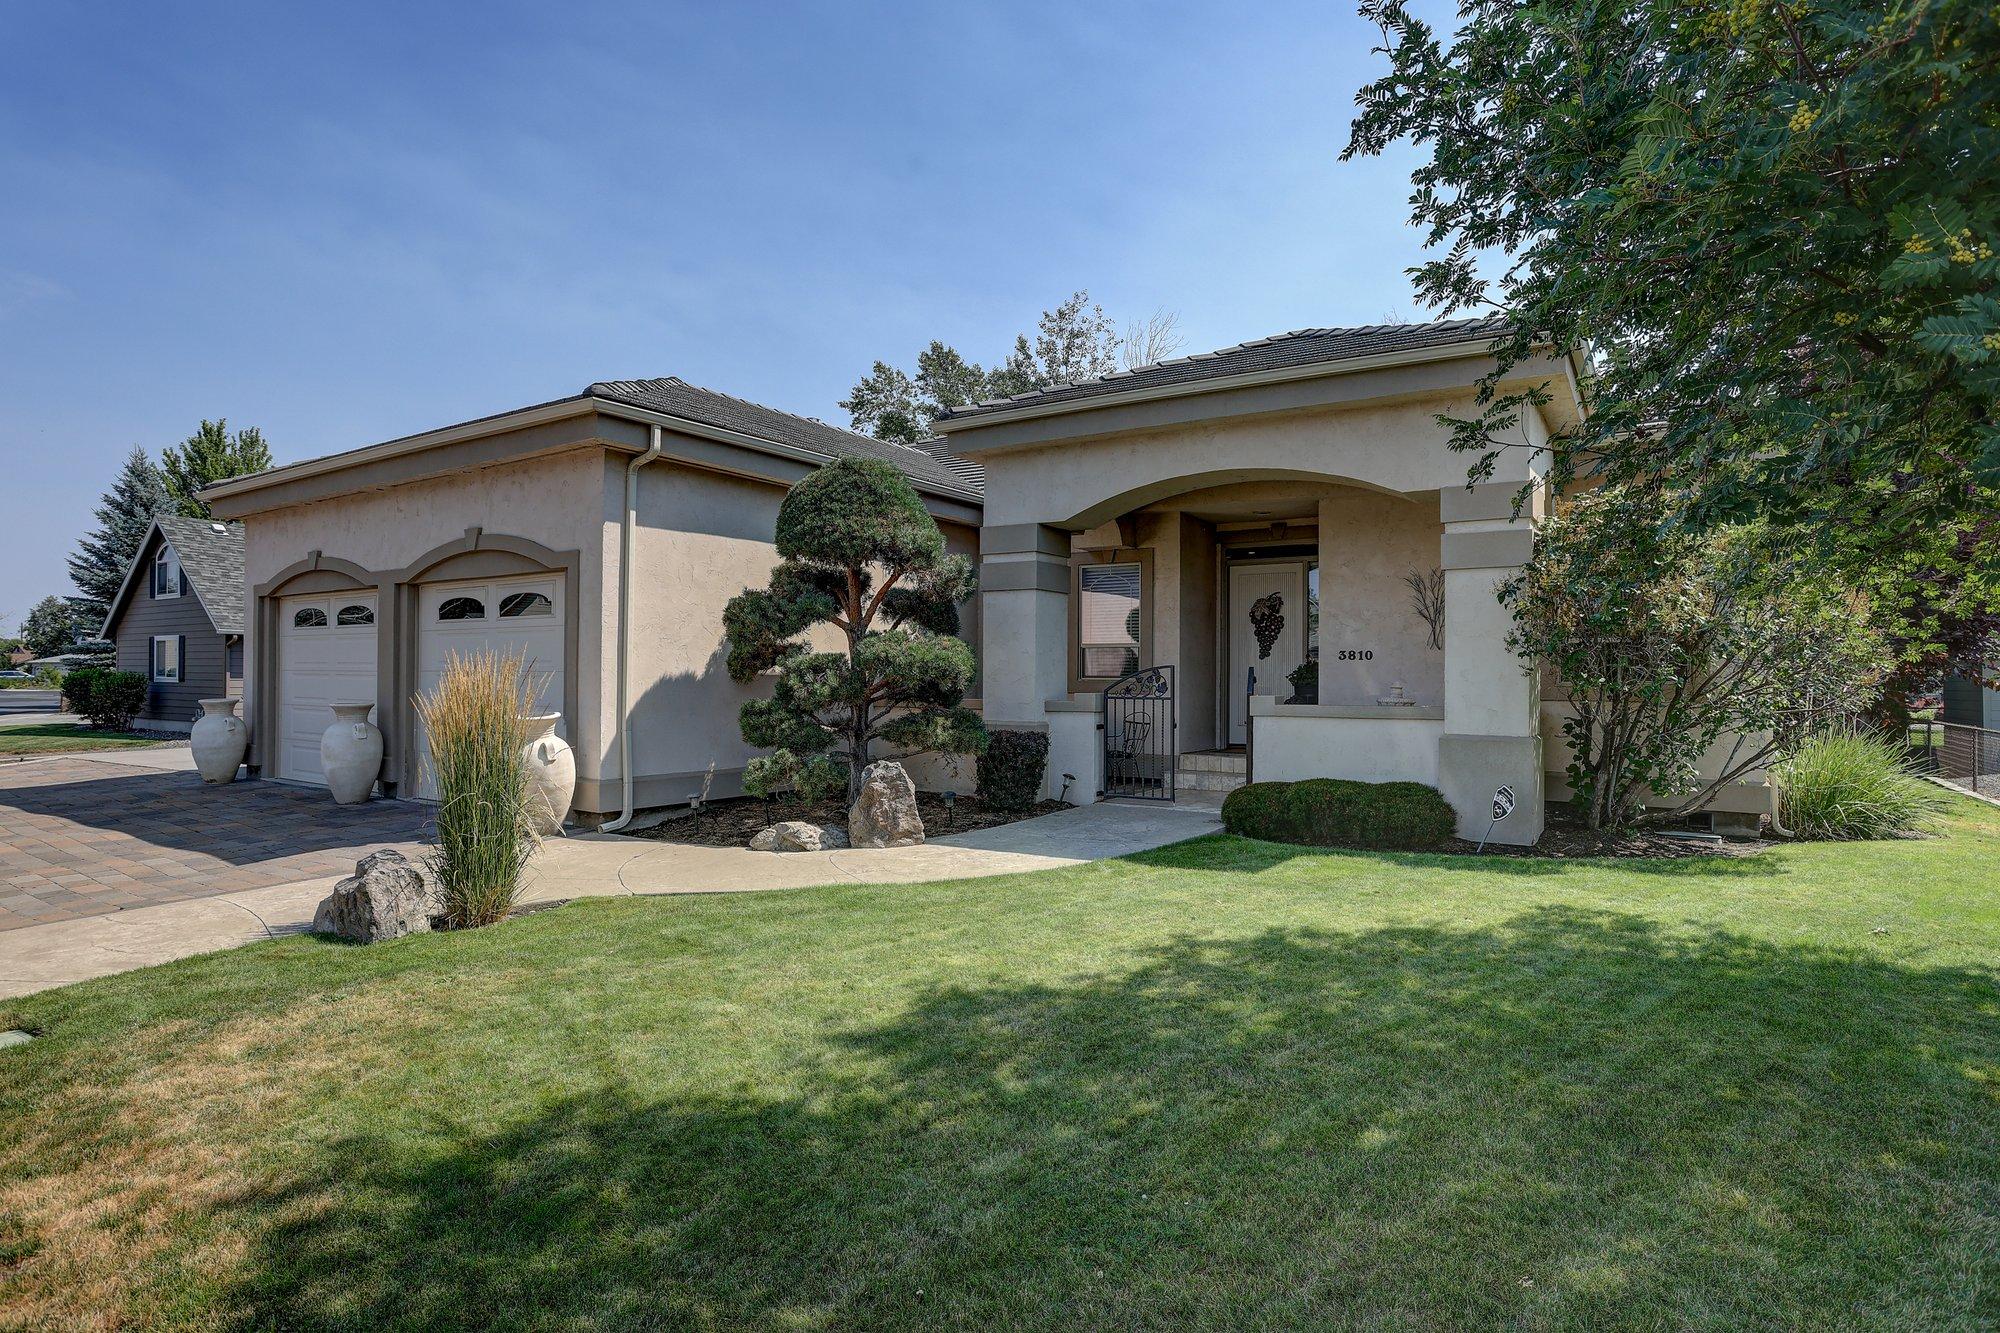 Maison à Redmond, Oregon, États-Unis 1 - 11552643